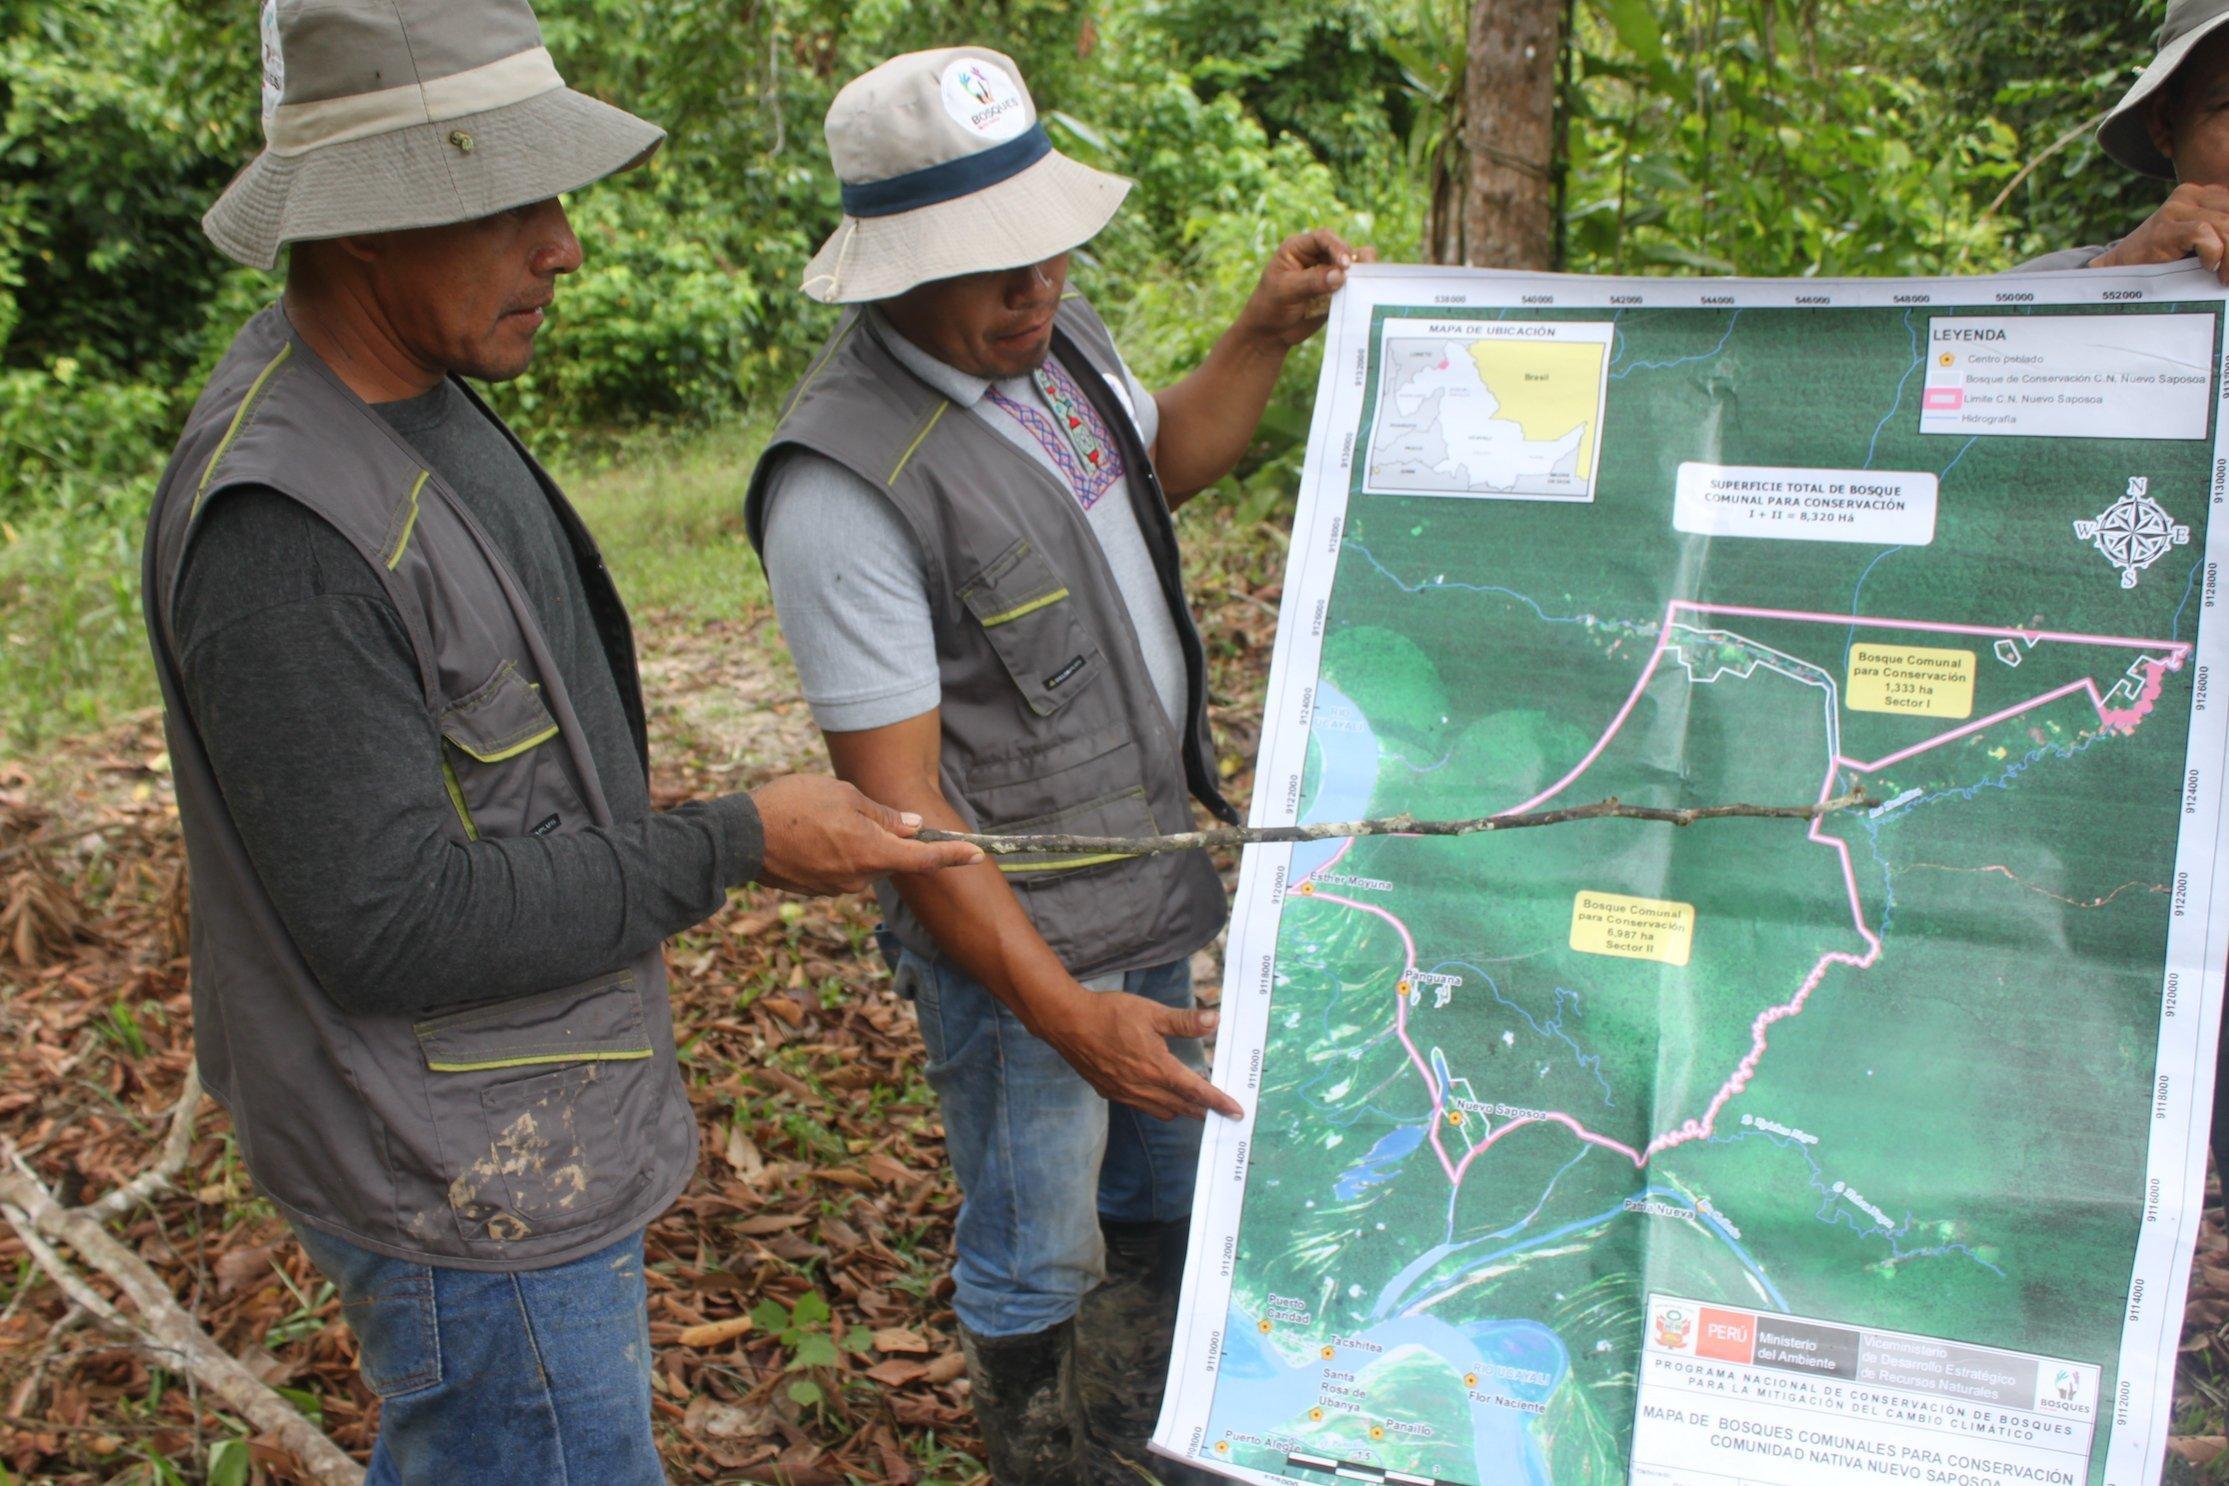 Zwei indigen aussehende Männer mit Trapperhut und Outdoor-Kleidung schauen auf eine grosse Landkarte ihres Gemeindegebietes.